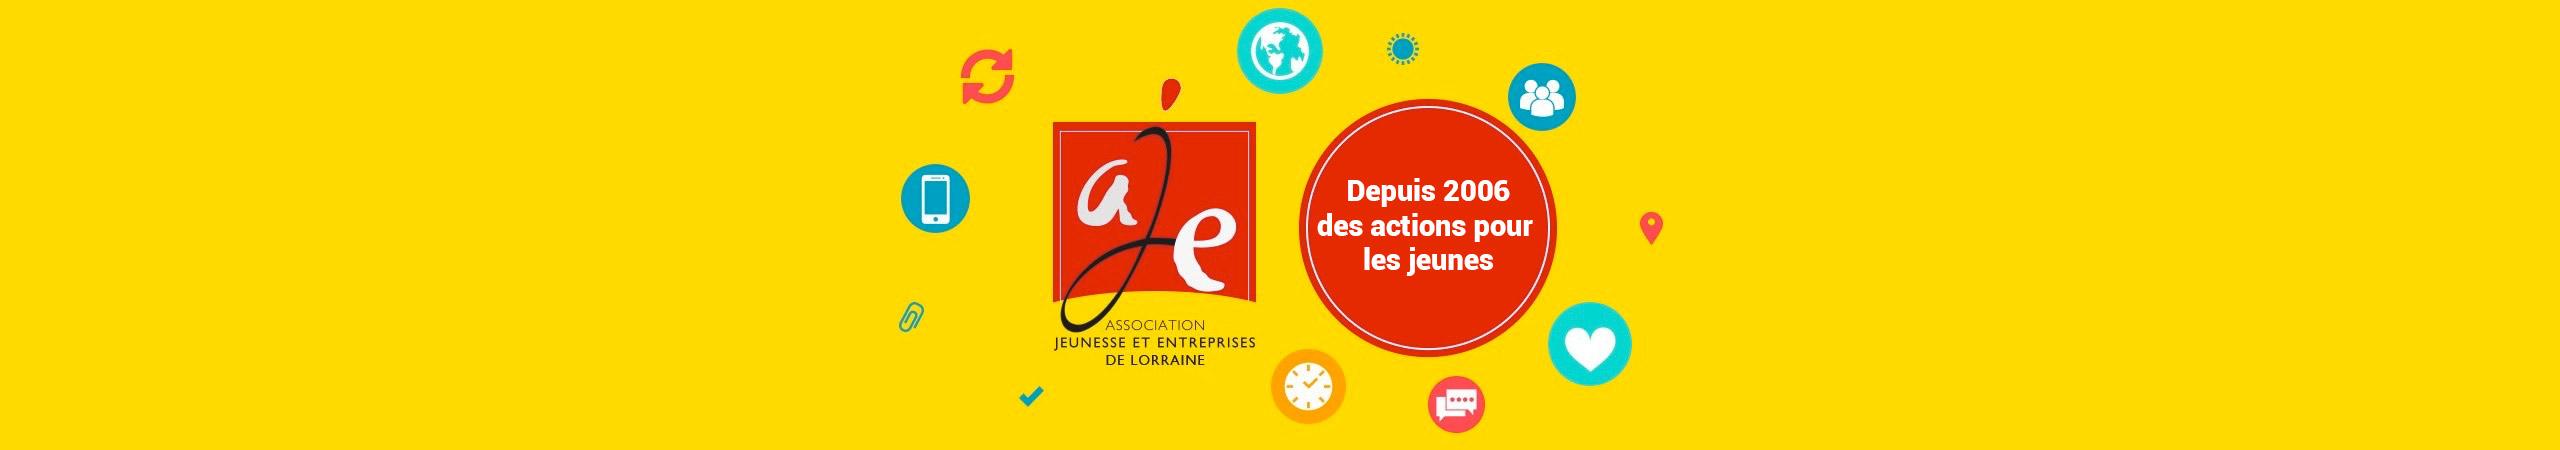 Depuis 2006, des actions pour les jeunes